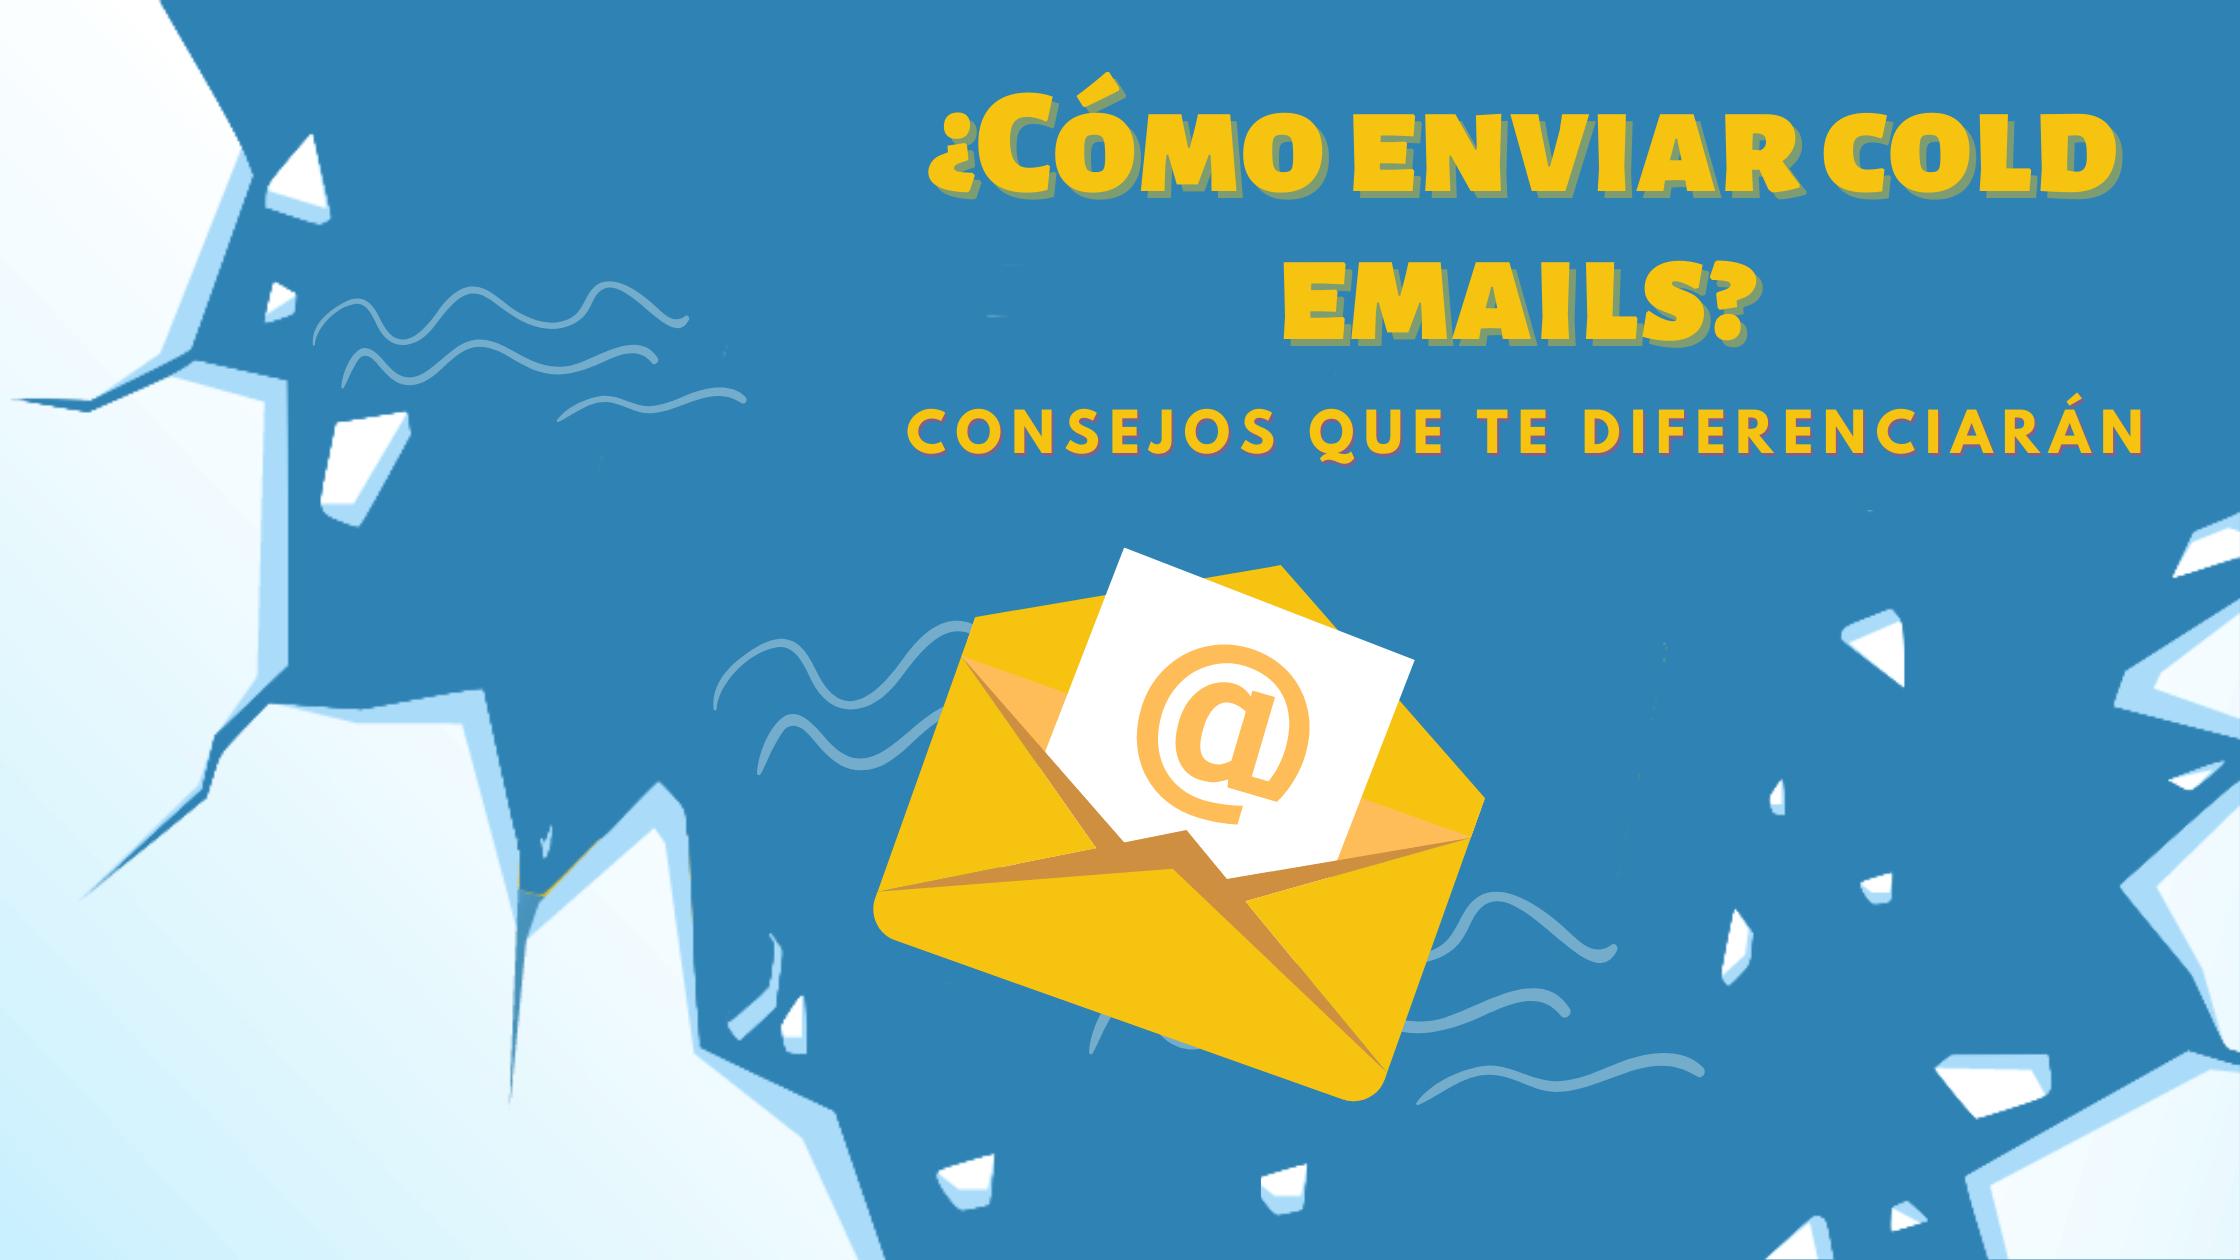 ¿Cómo enviar cold emails? Consejos que te diferenciarán